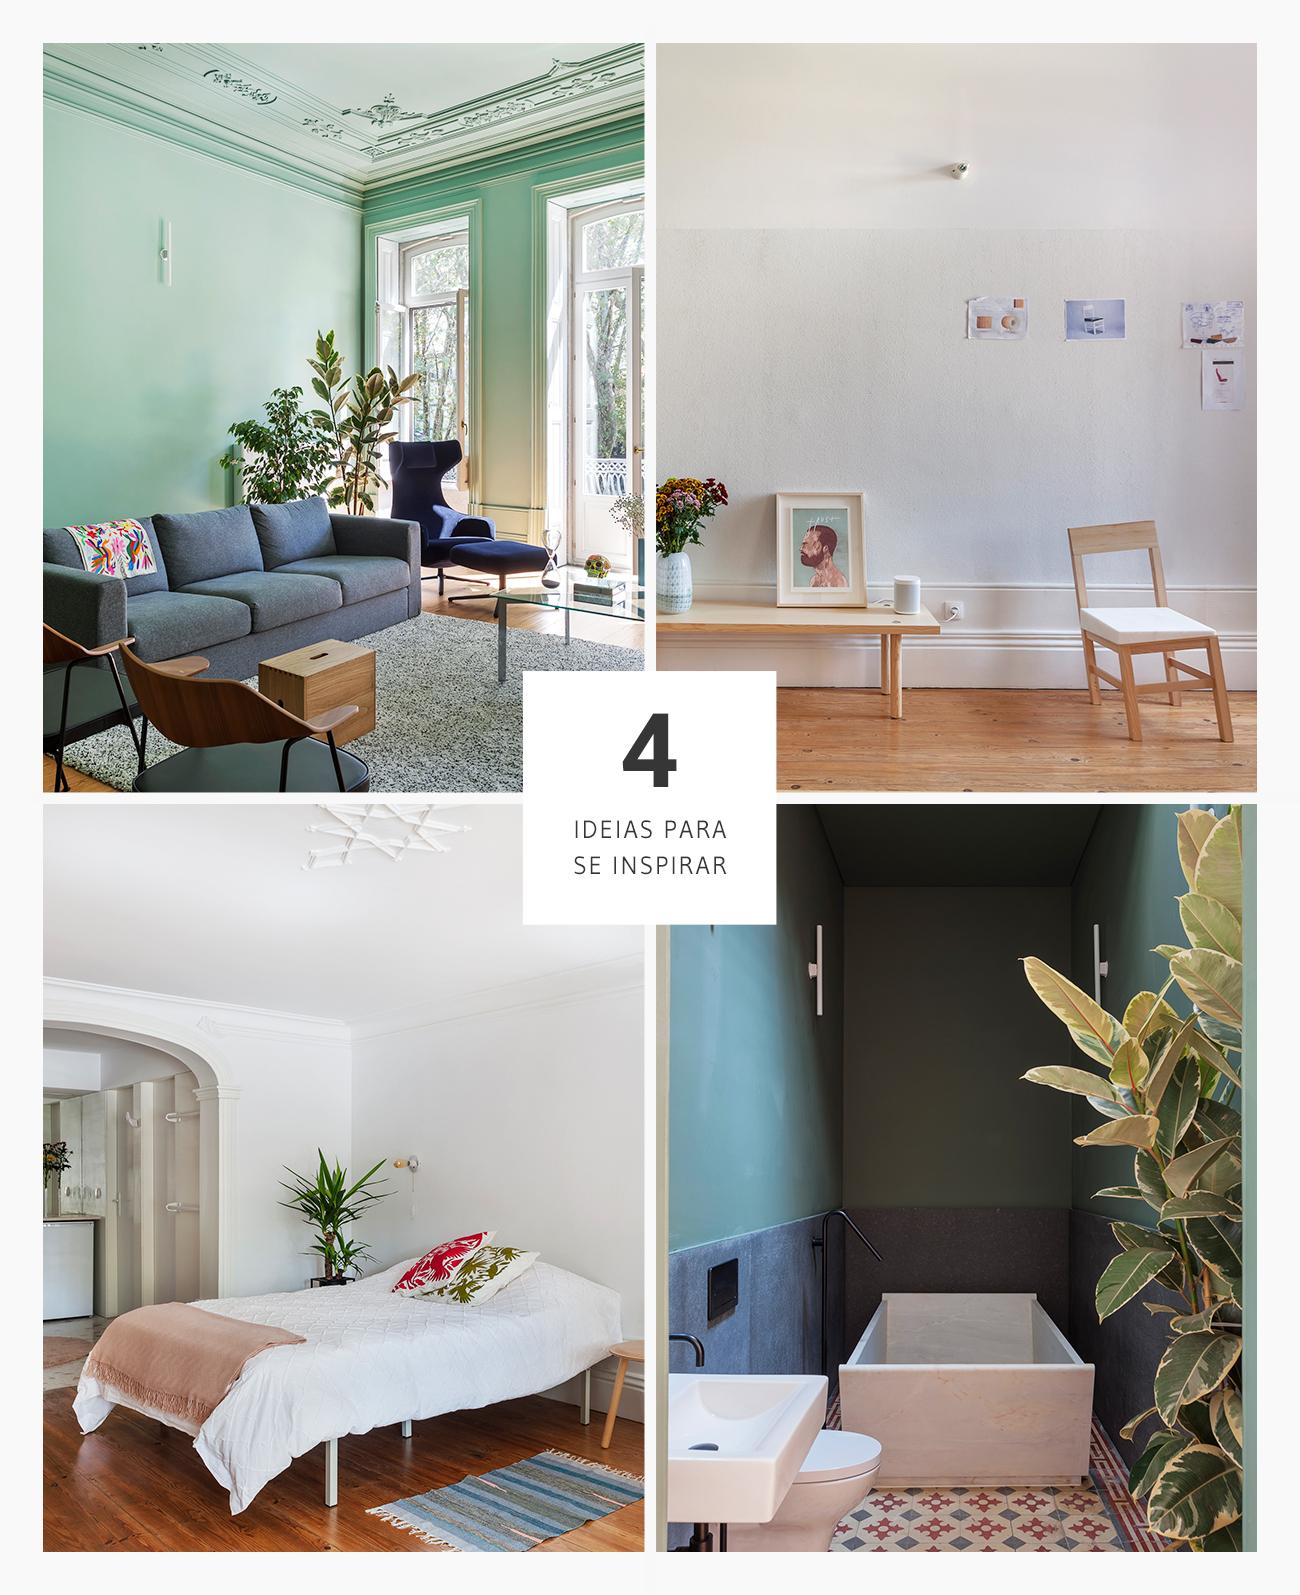 4 Boas ideias de decoração e arquitetura